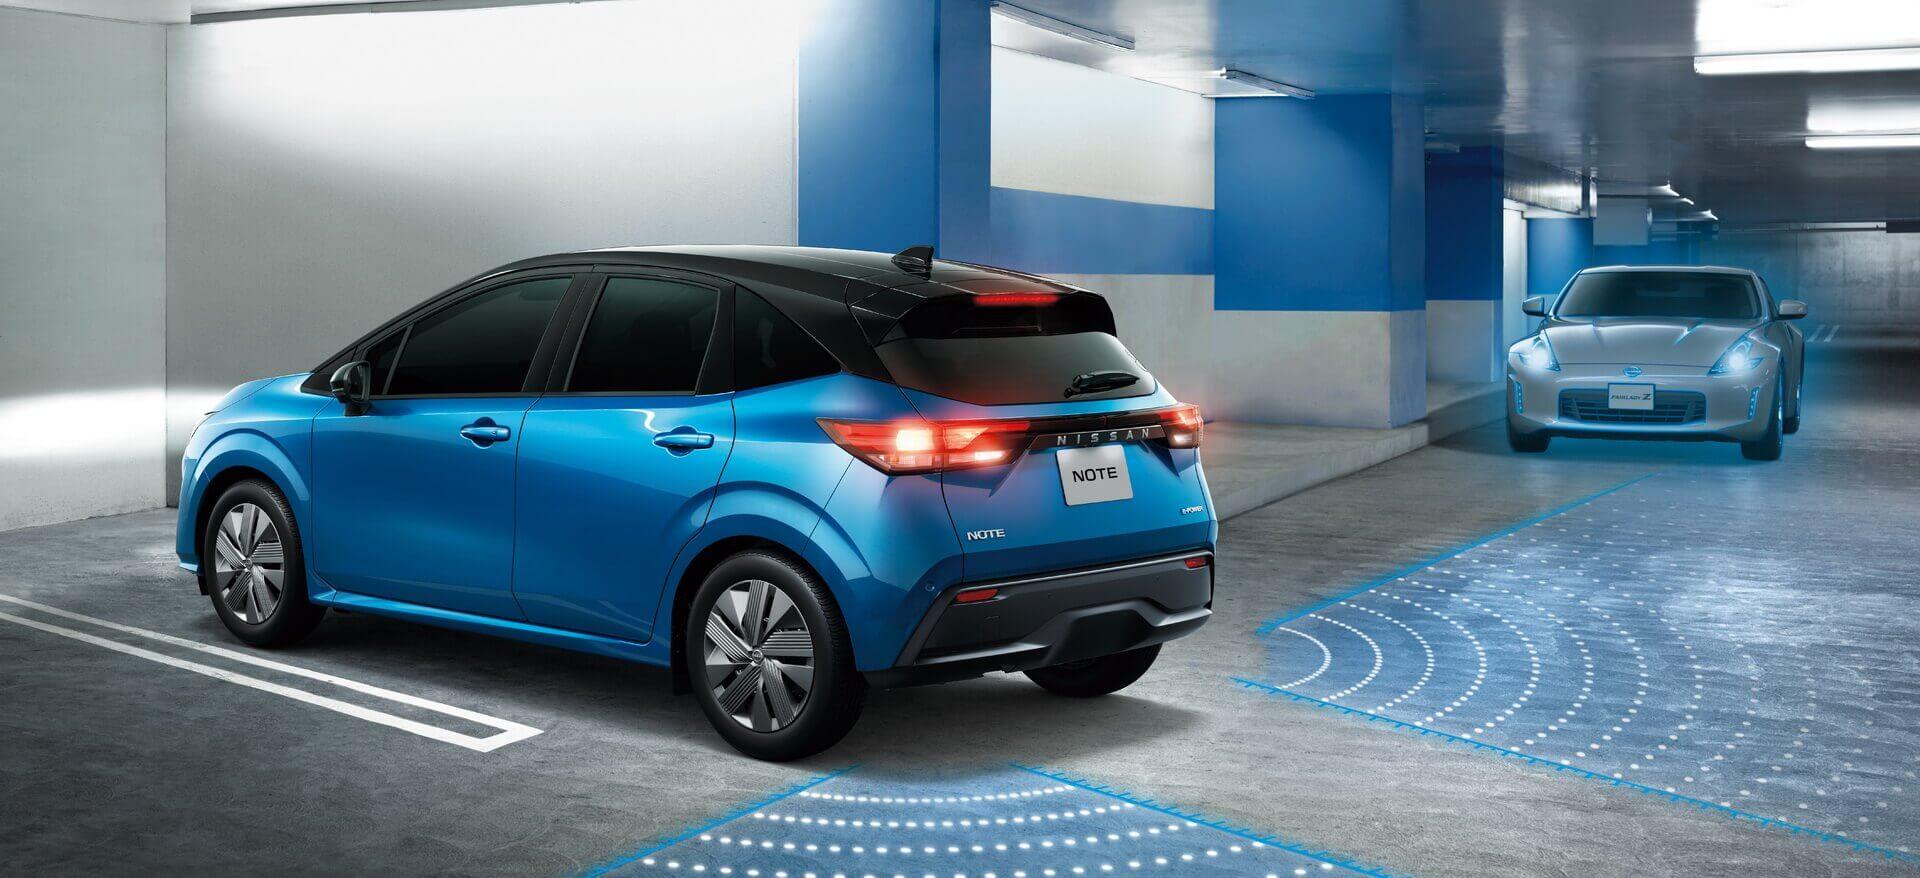 Новый Note 2021 года поставляется сшироким выбором вспомогательного оборудования для водителя